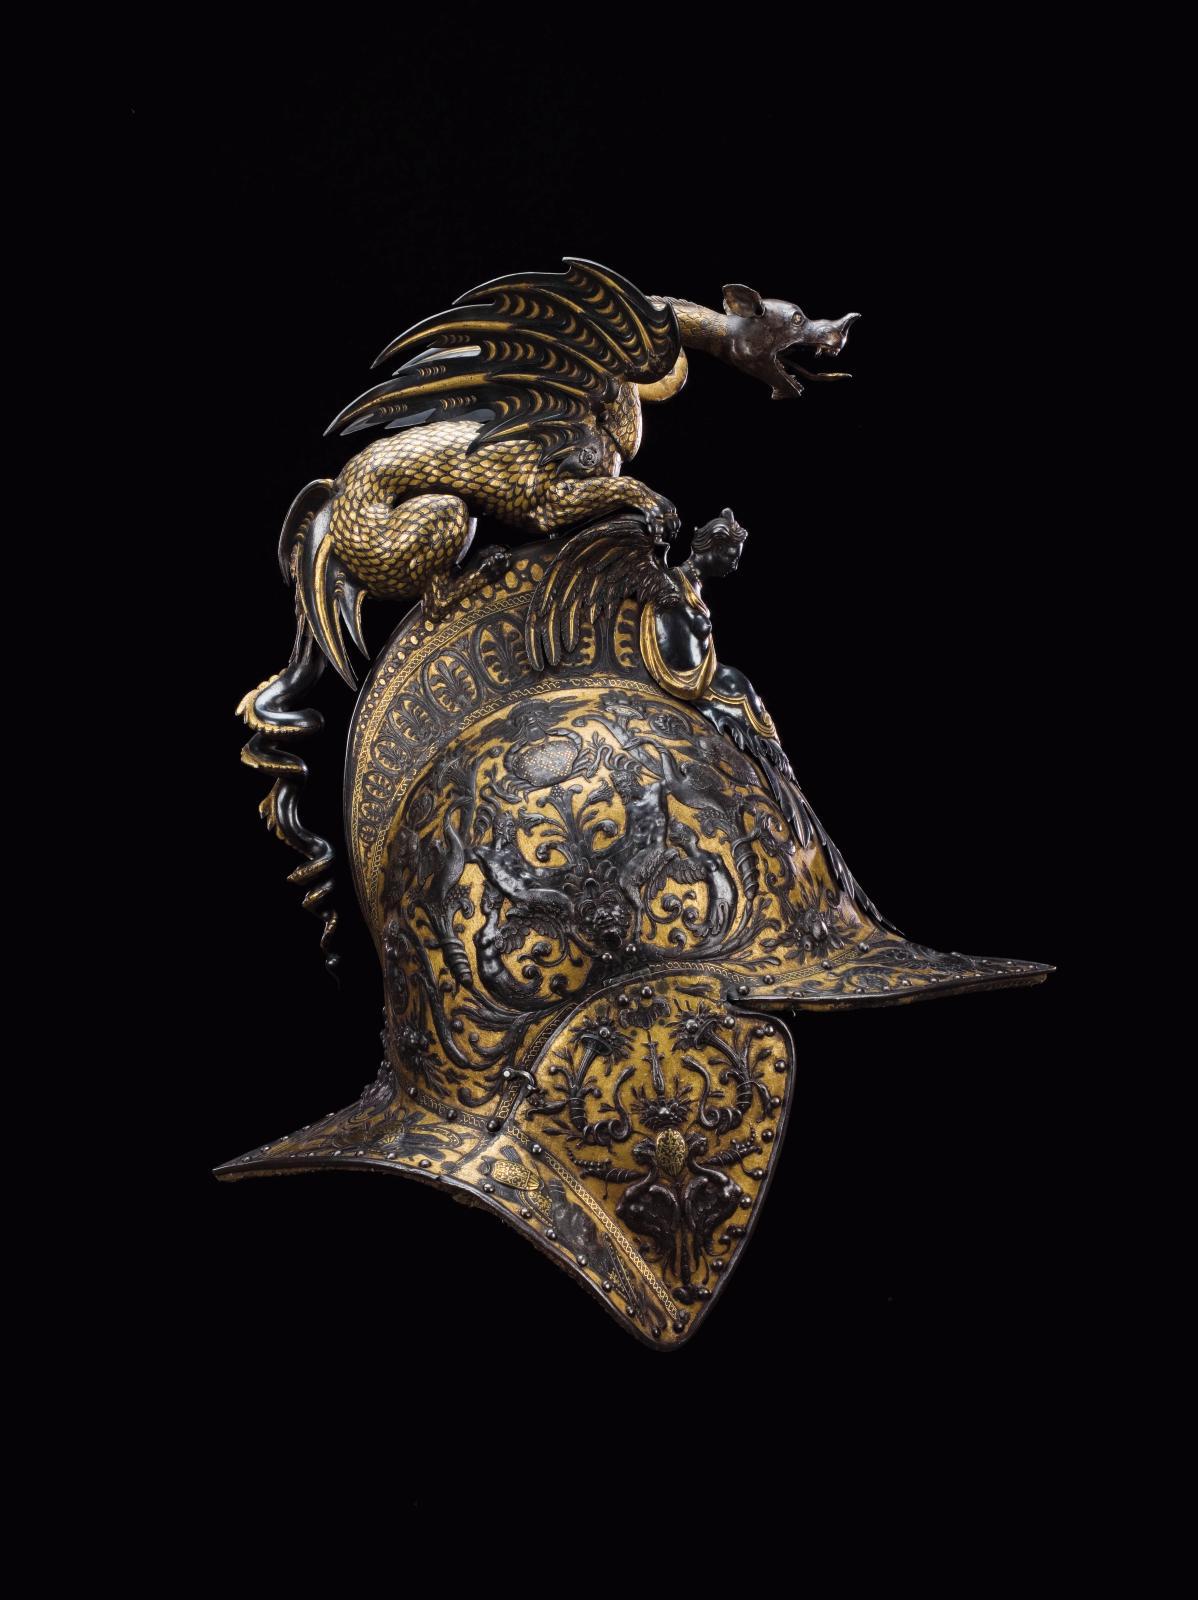 Bourguignotte de l'«ensemble à la chimère». ©Paris - musée de l'Armée, Dist.RMN-Grand Palais / Pascal Segrette